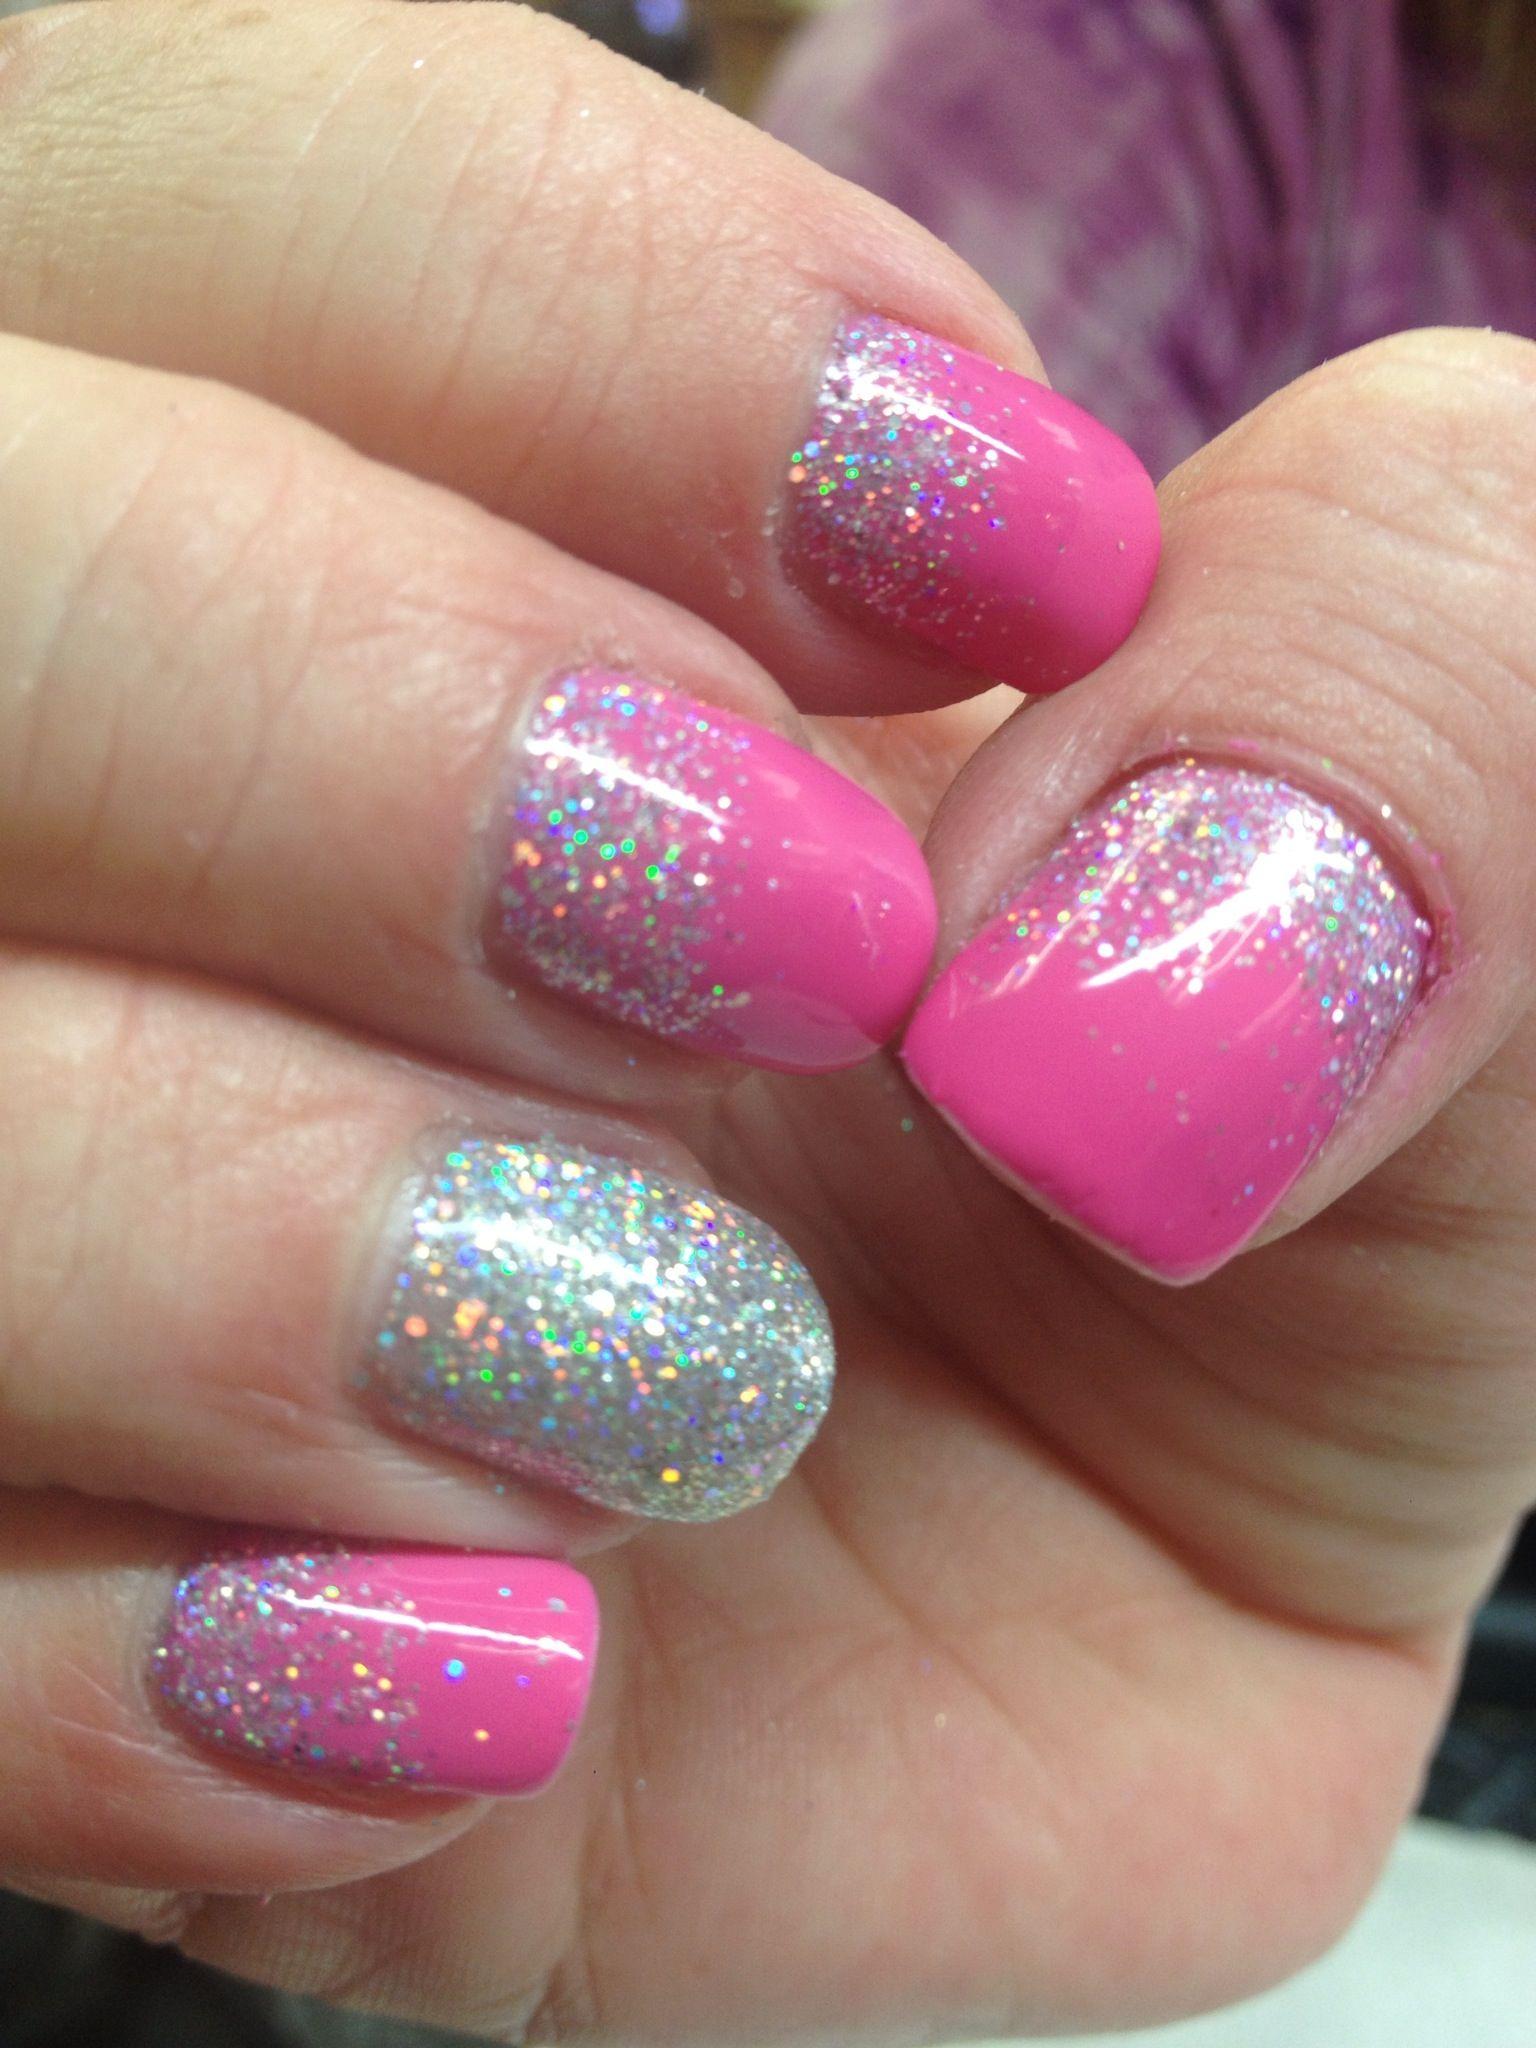 CND Shellac pink glitter reverse French | Nail Art | Pinterest